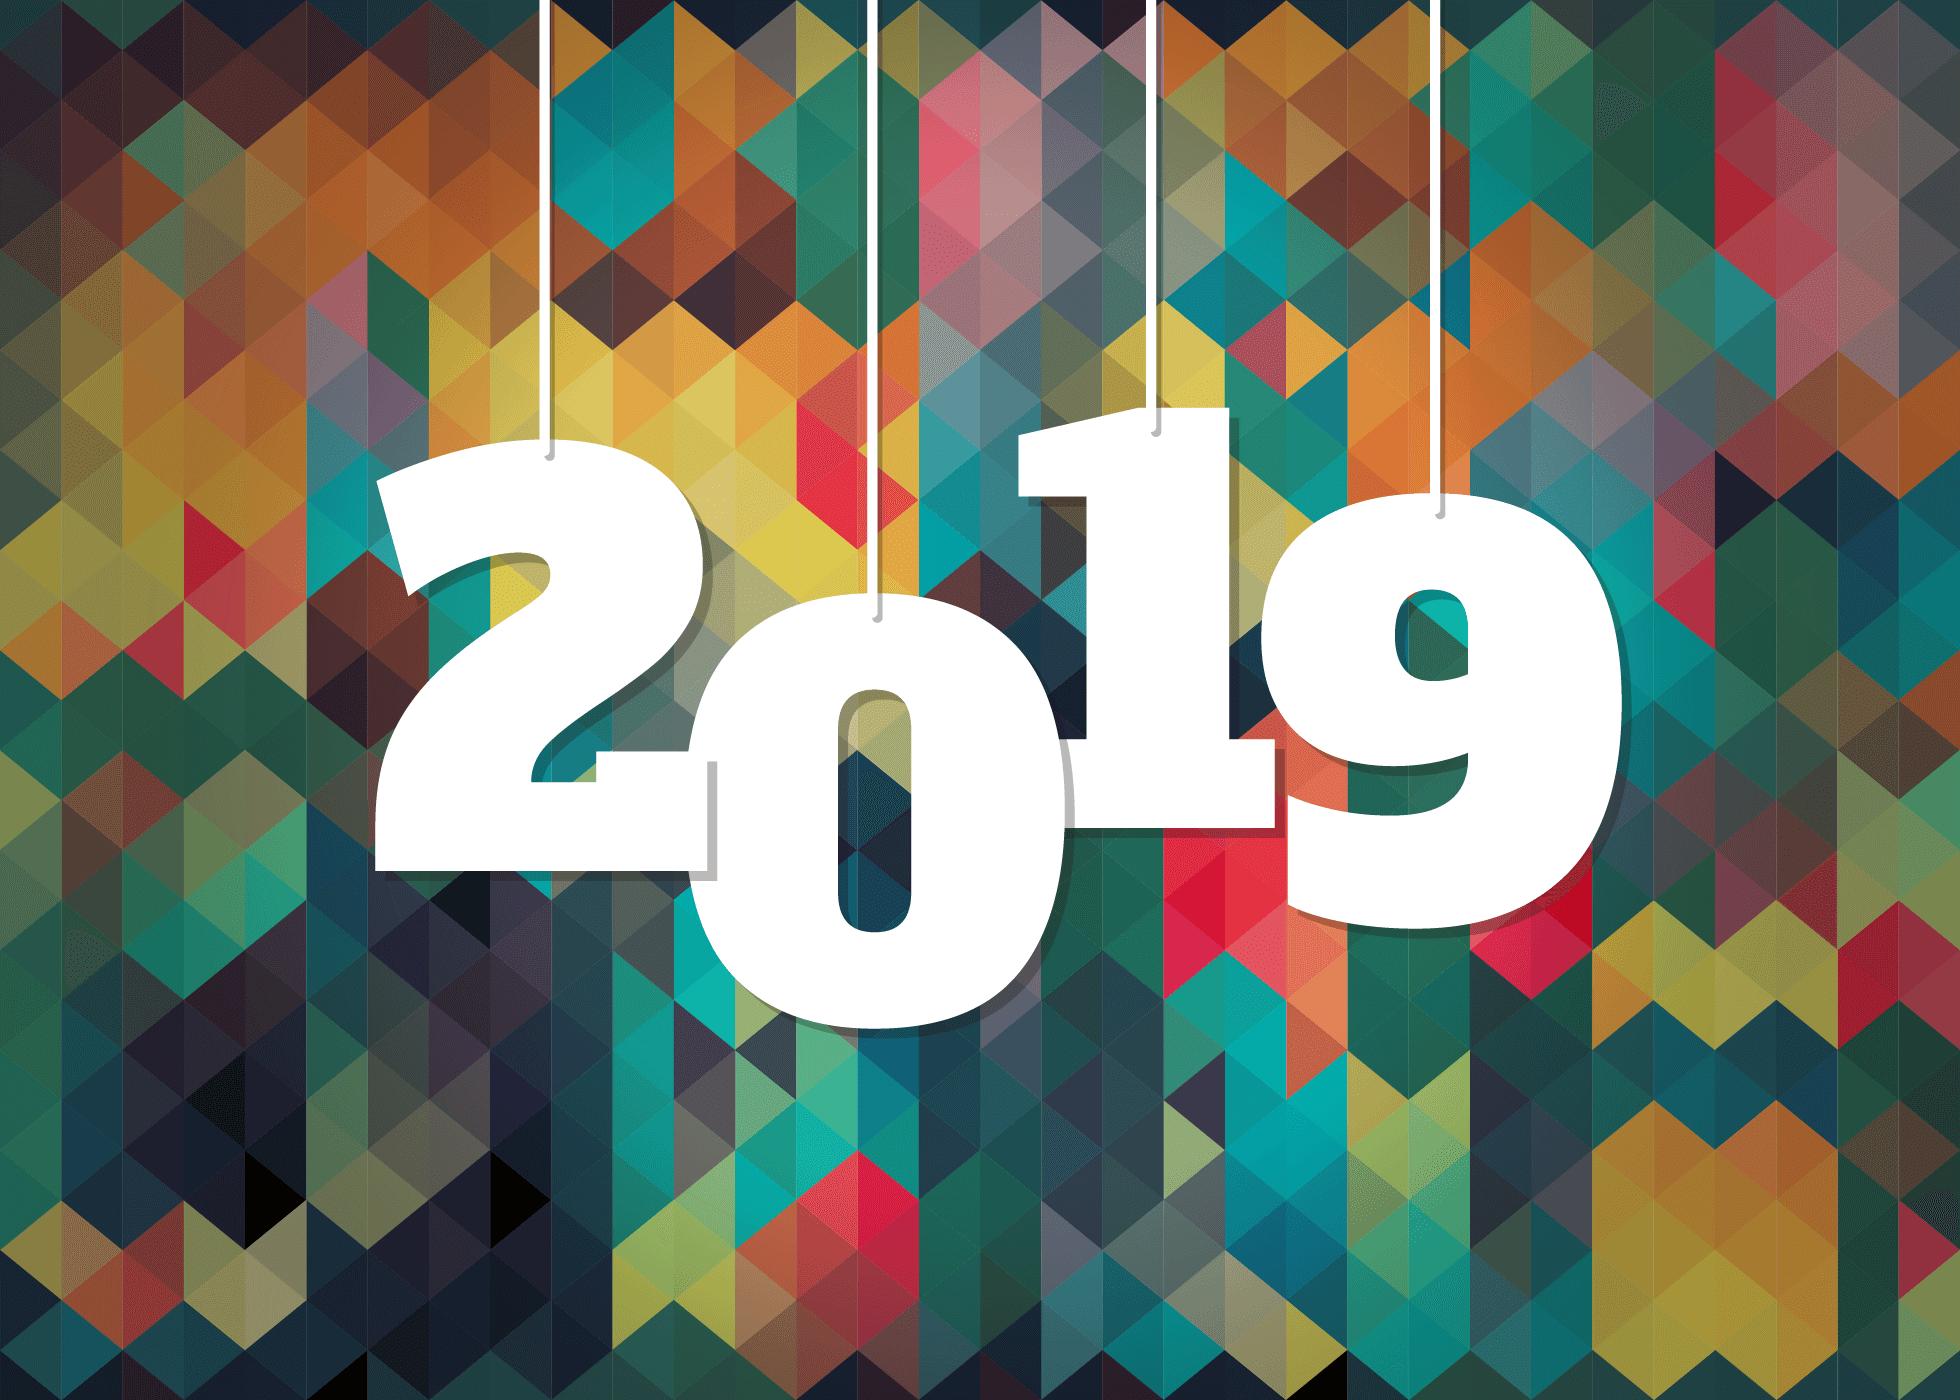 Скачать красивые и интересные картинки про Новый год 2019 23